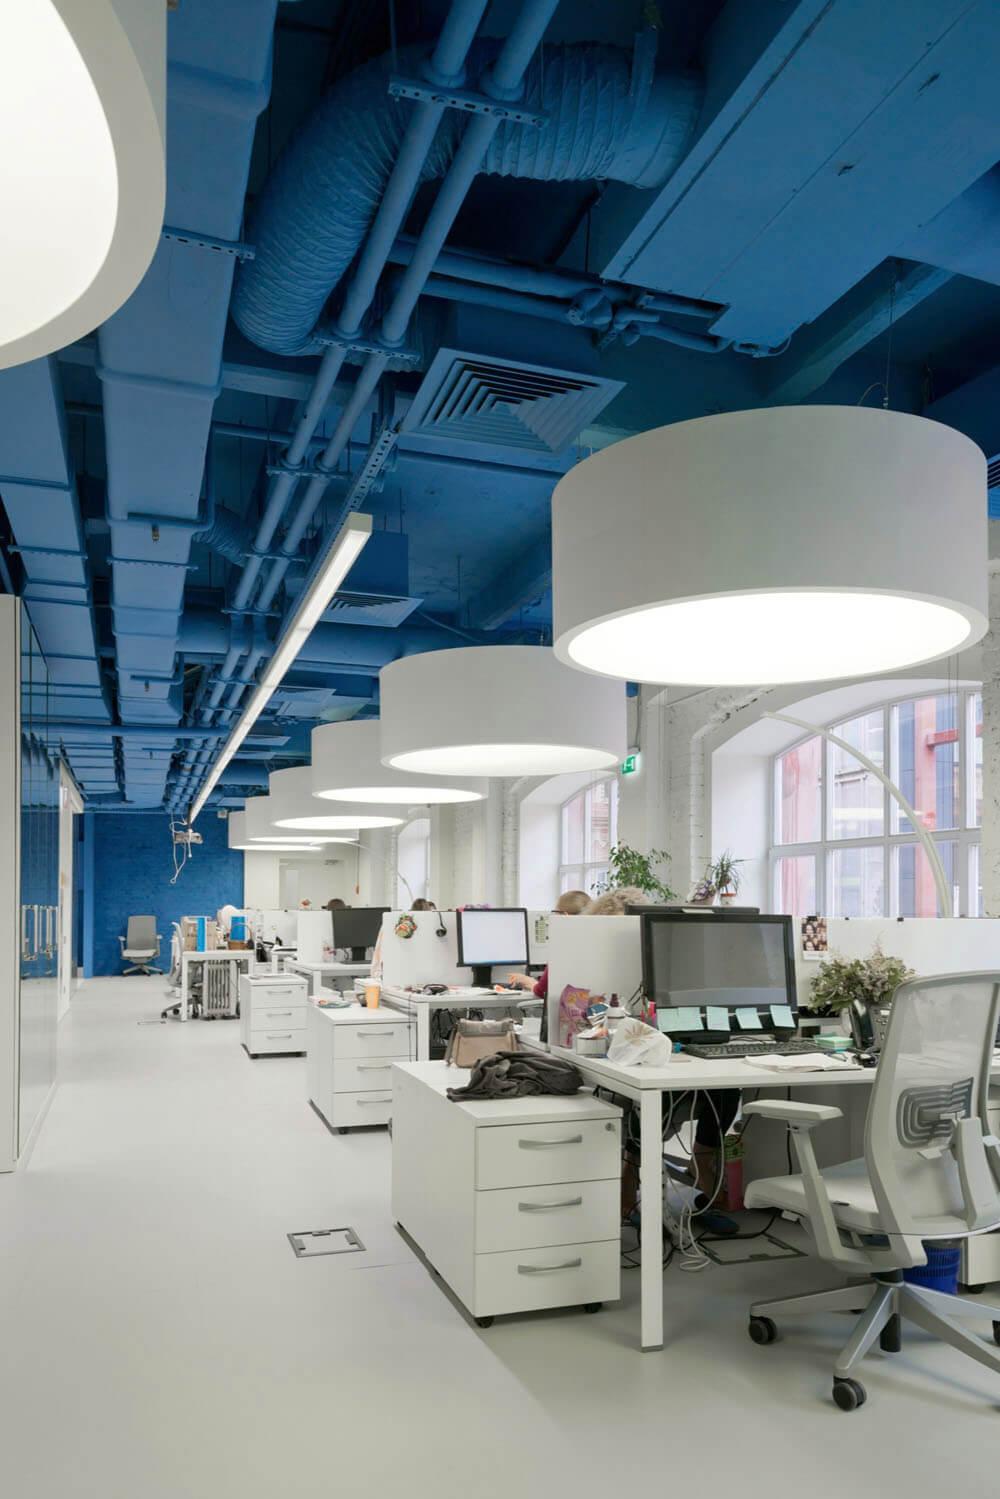 Креативное оформление офиса - синие потолок и стены, белые пол и мебель - фото 3